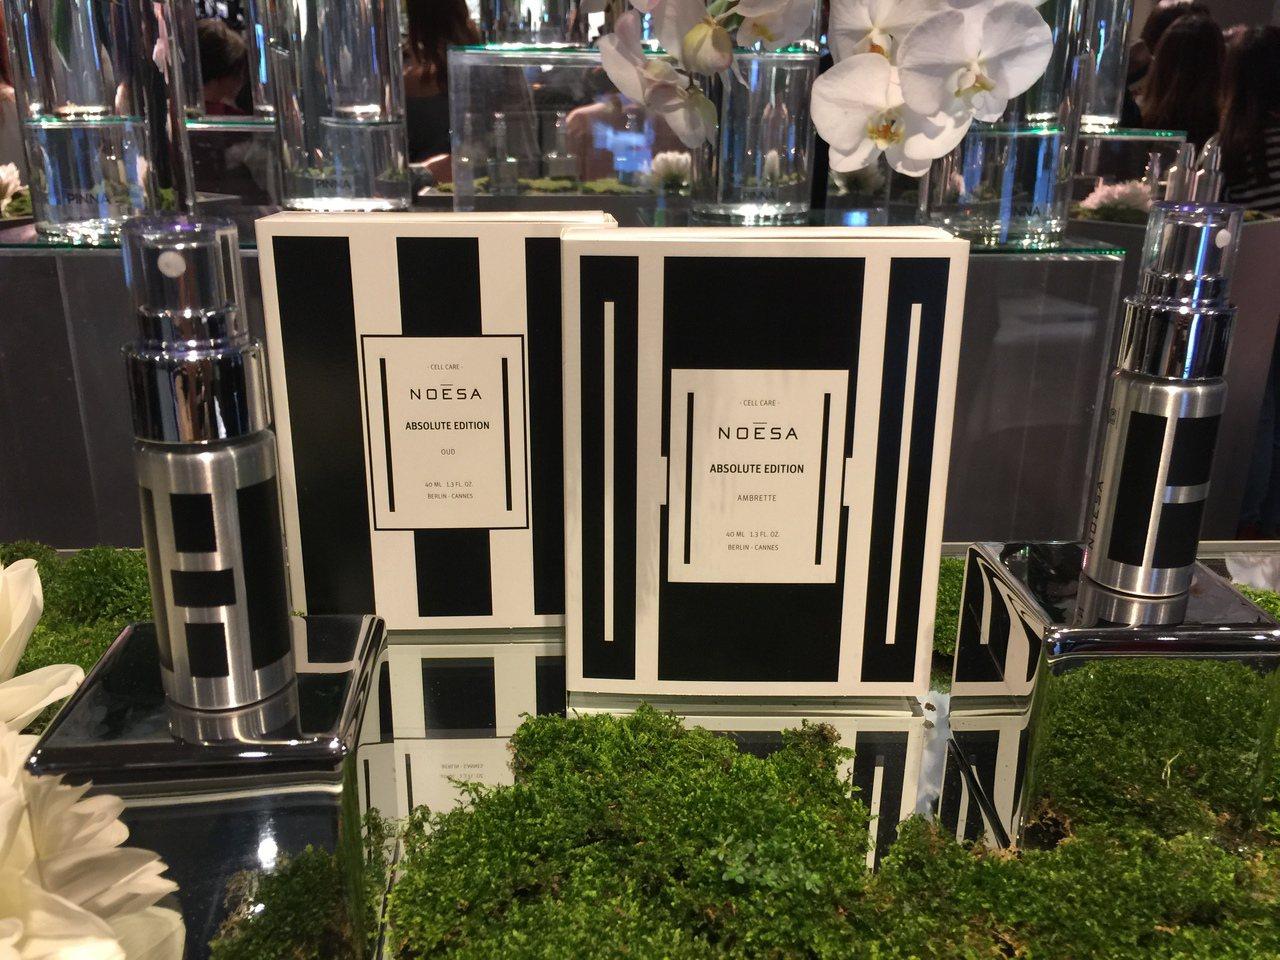 據稱是目前全球最頂級保養品NOESA鉑金光萃於4月正式進入台灣市場,投入競爭日益...